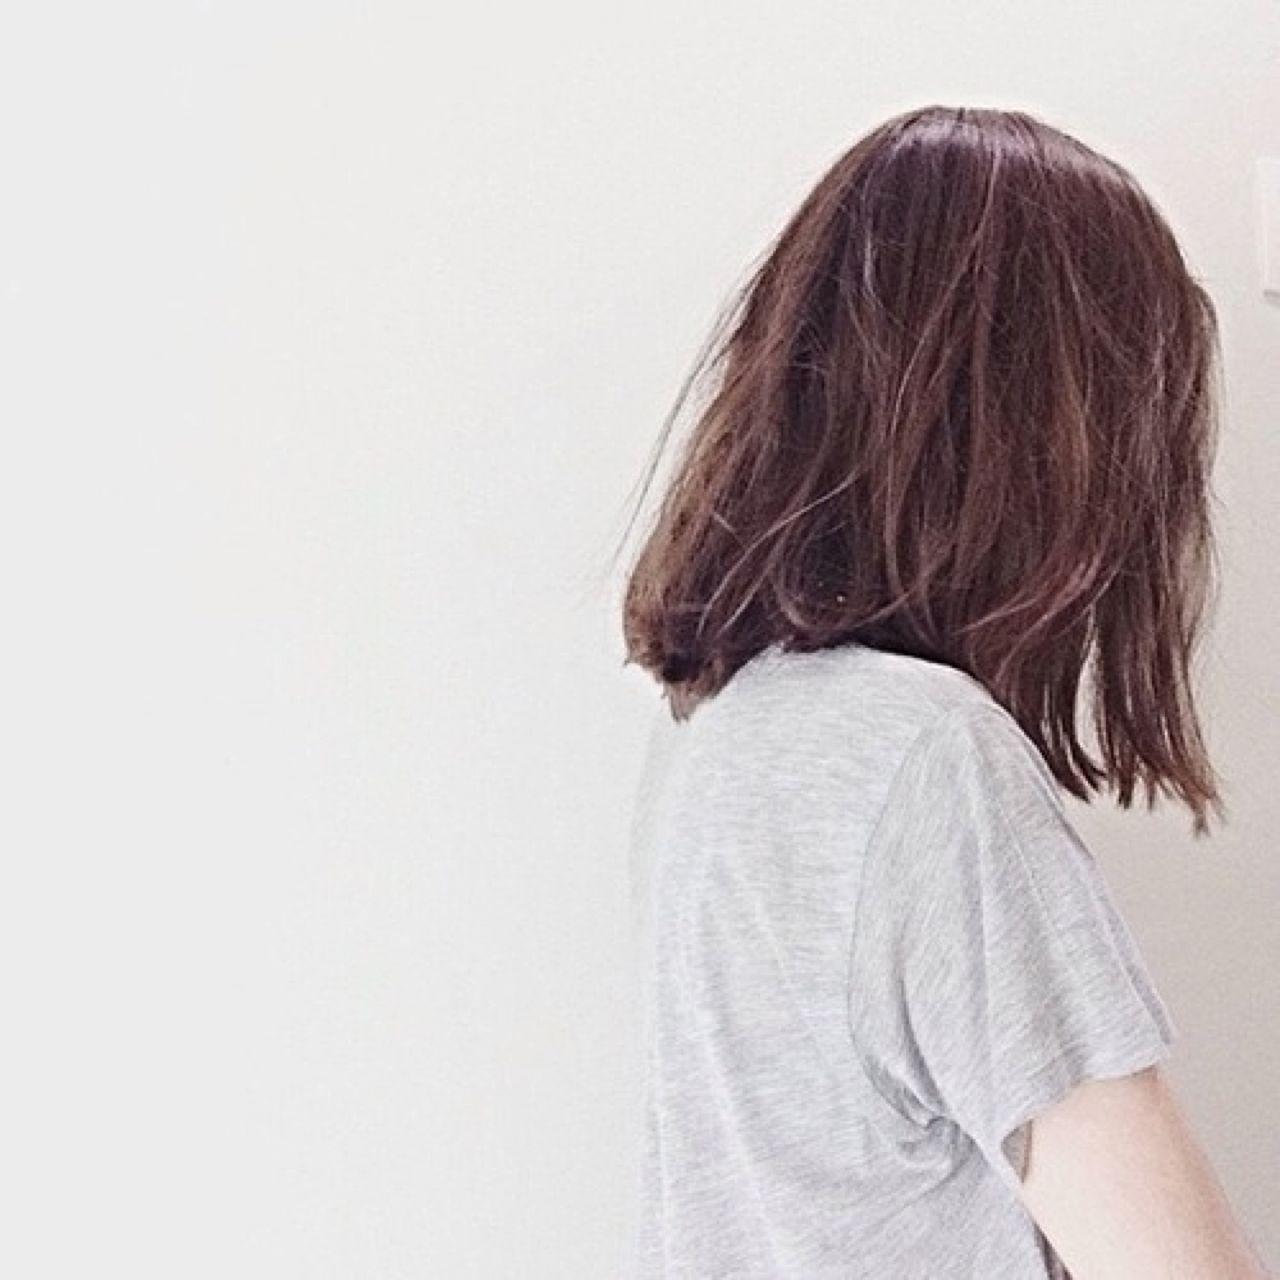 Картинки на аву для девушки со спины короткие волосы (19)